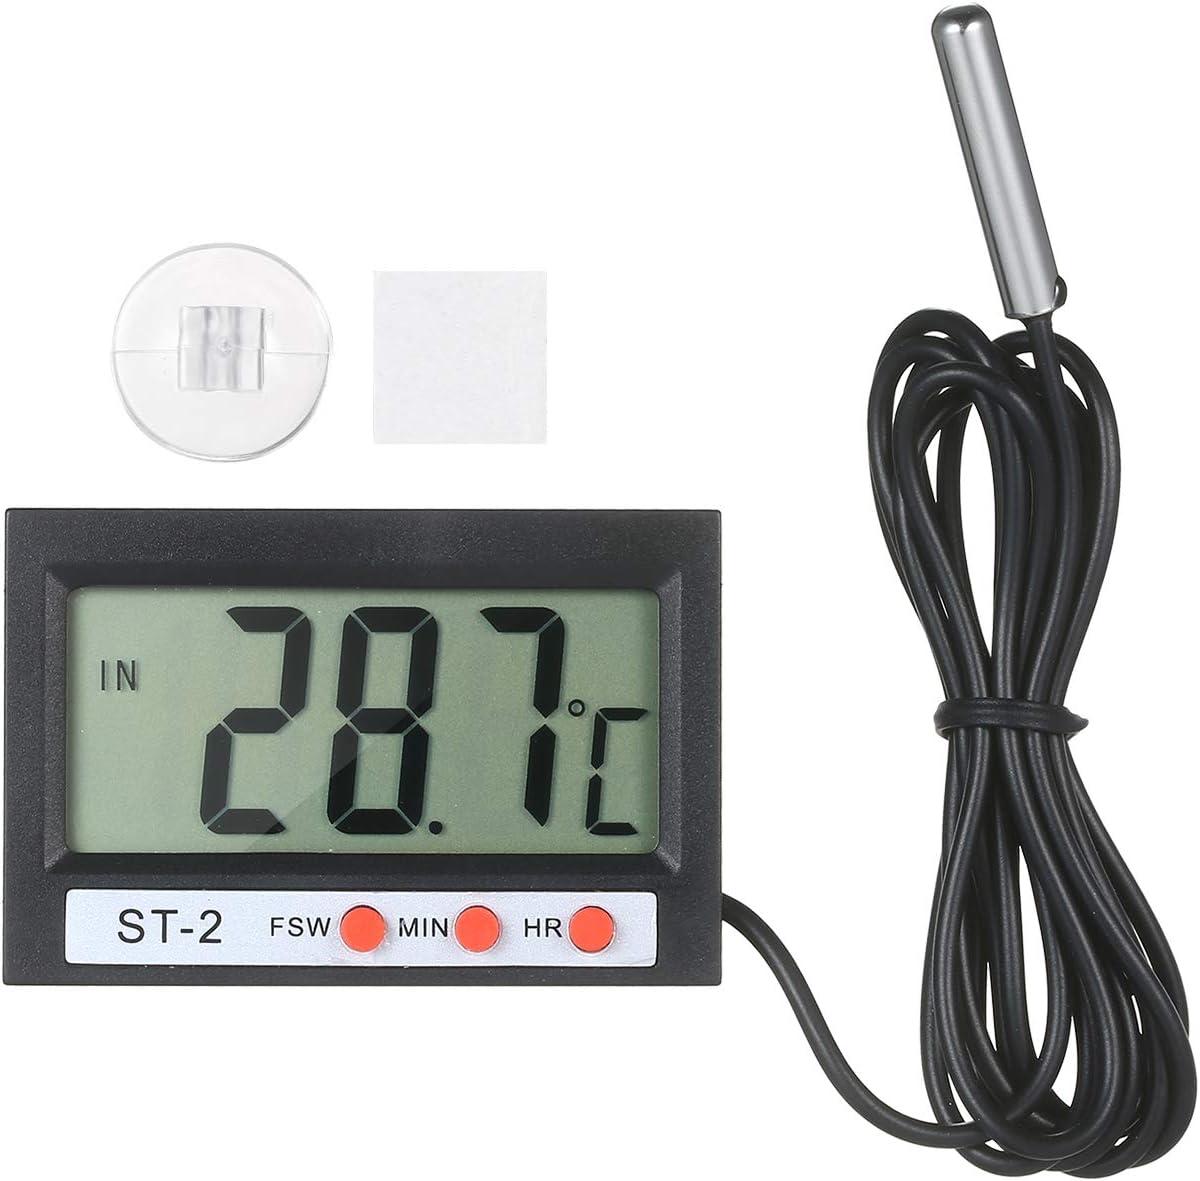 Kshzmoto LCD Digital Acuario Term/ómetro Terrario Term/ómetro Medidor de Temperatura del Tanque de Peces Monitor de Temperatura con bot/ón de sonda Cinta de Celdas Ventosa para refrigerador Refrigerador